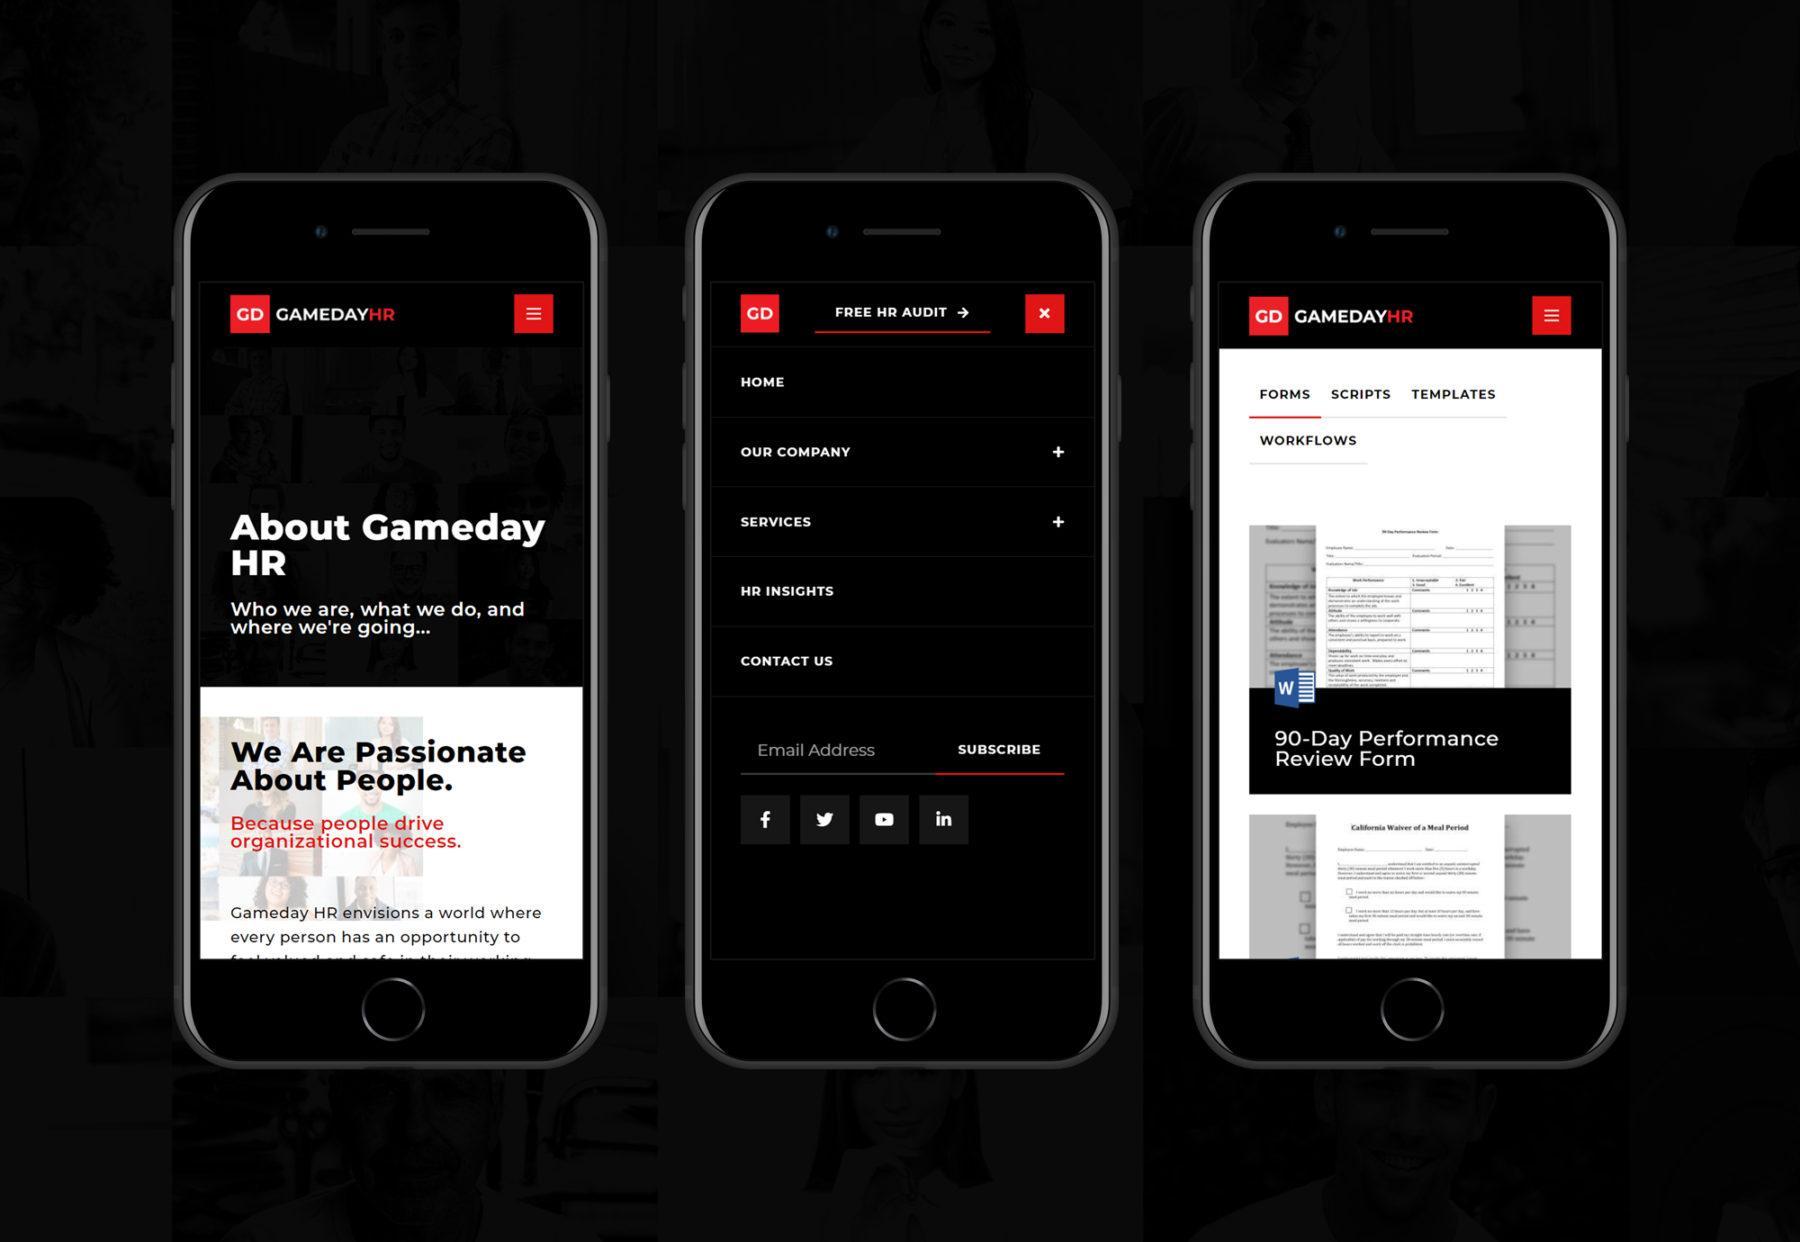 Gameday HR mobile Mockup website design